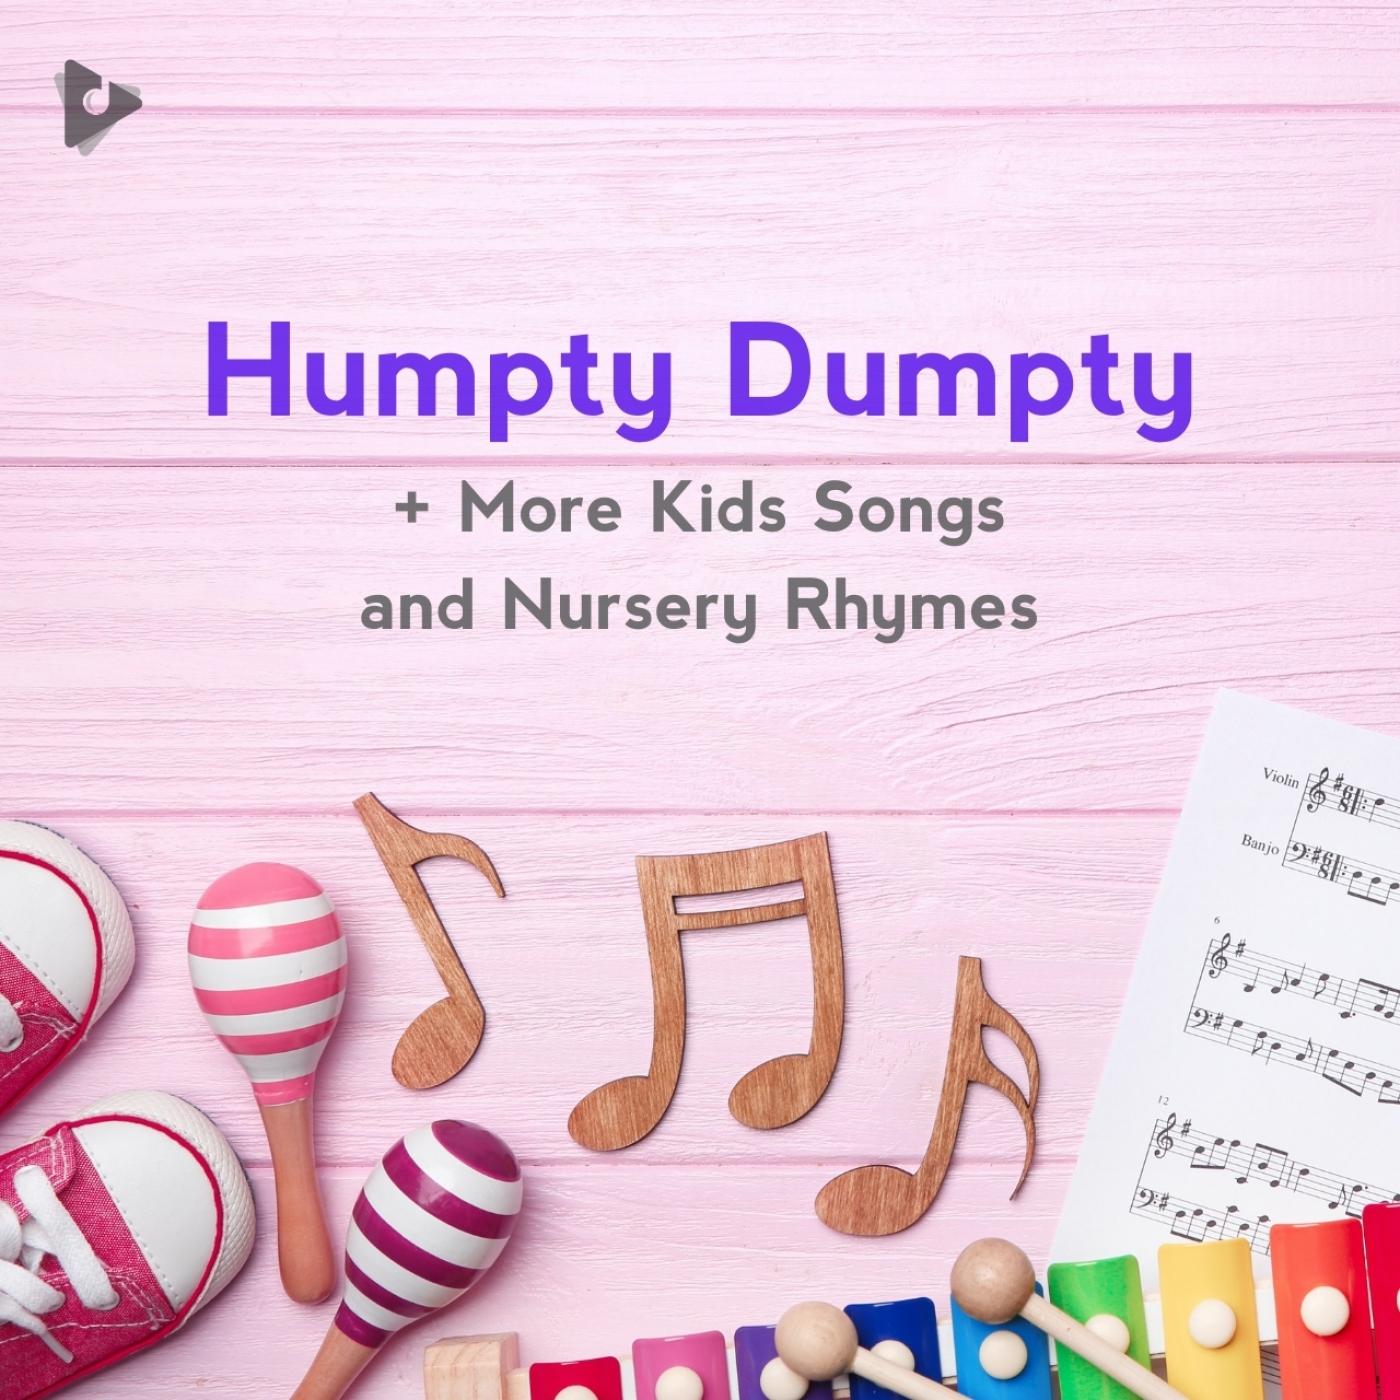 Humpty Dumpty + More Kids Songs and Nursery Rhymes